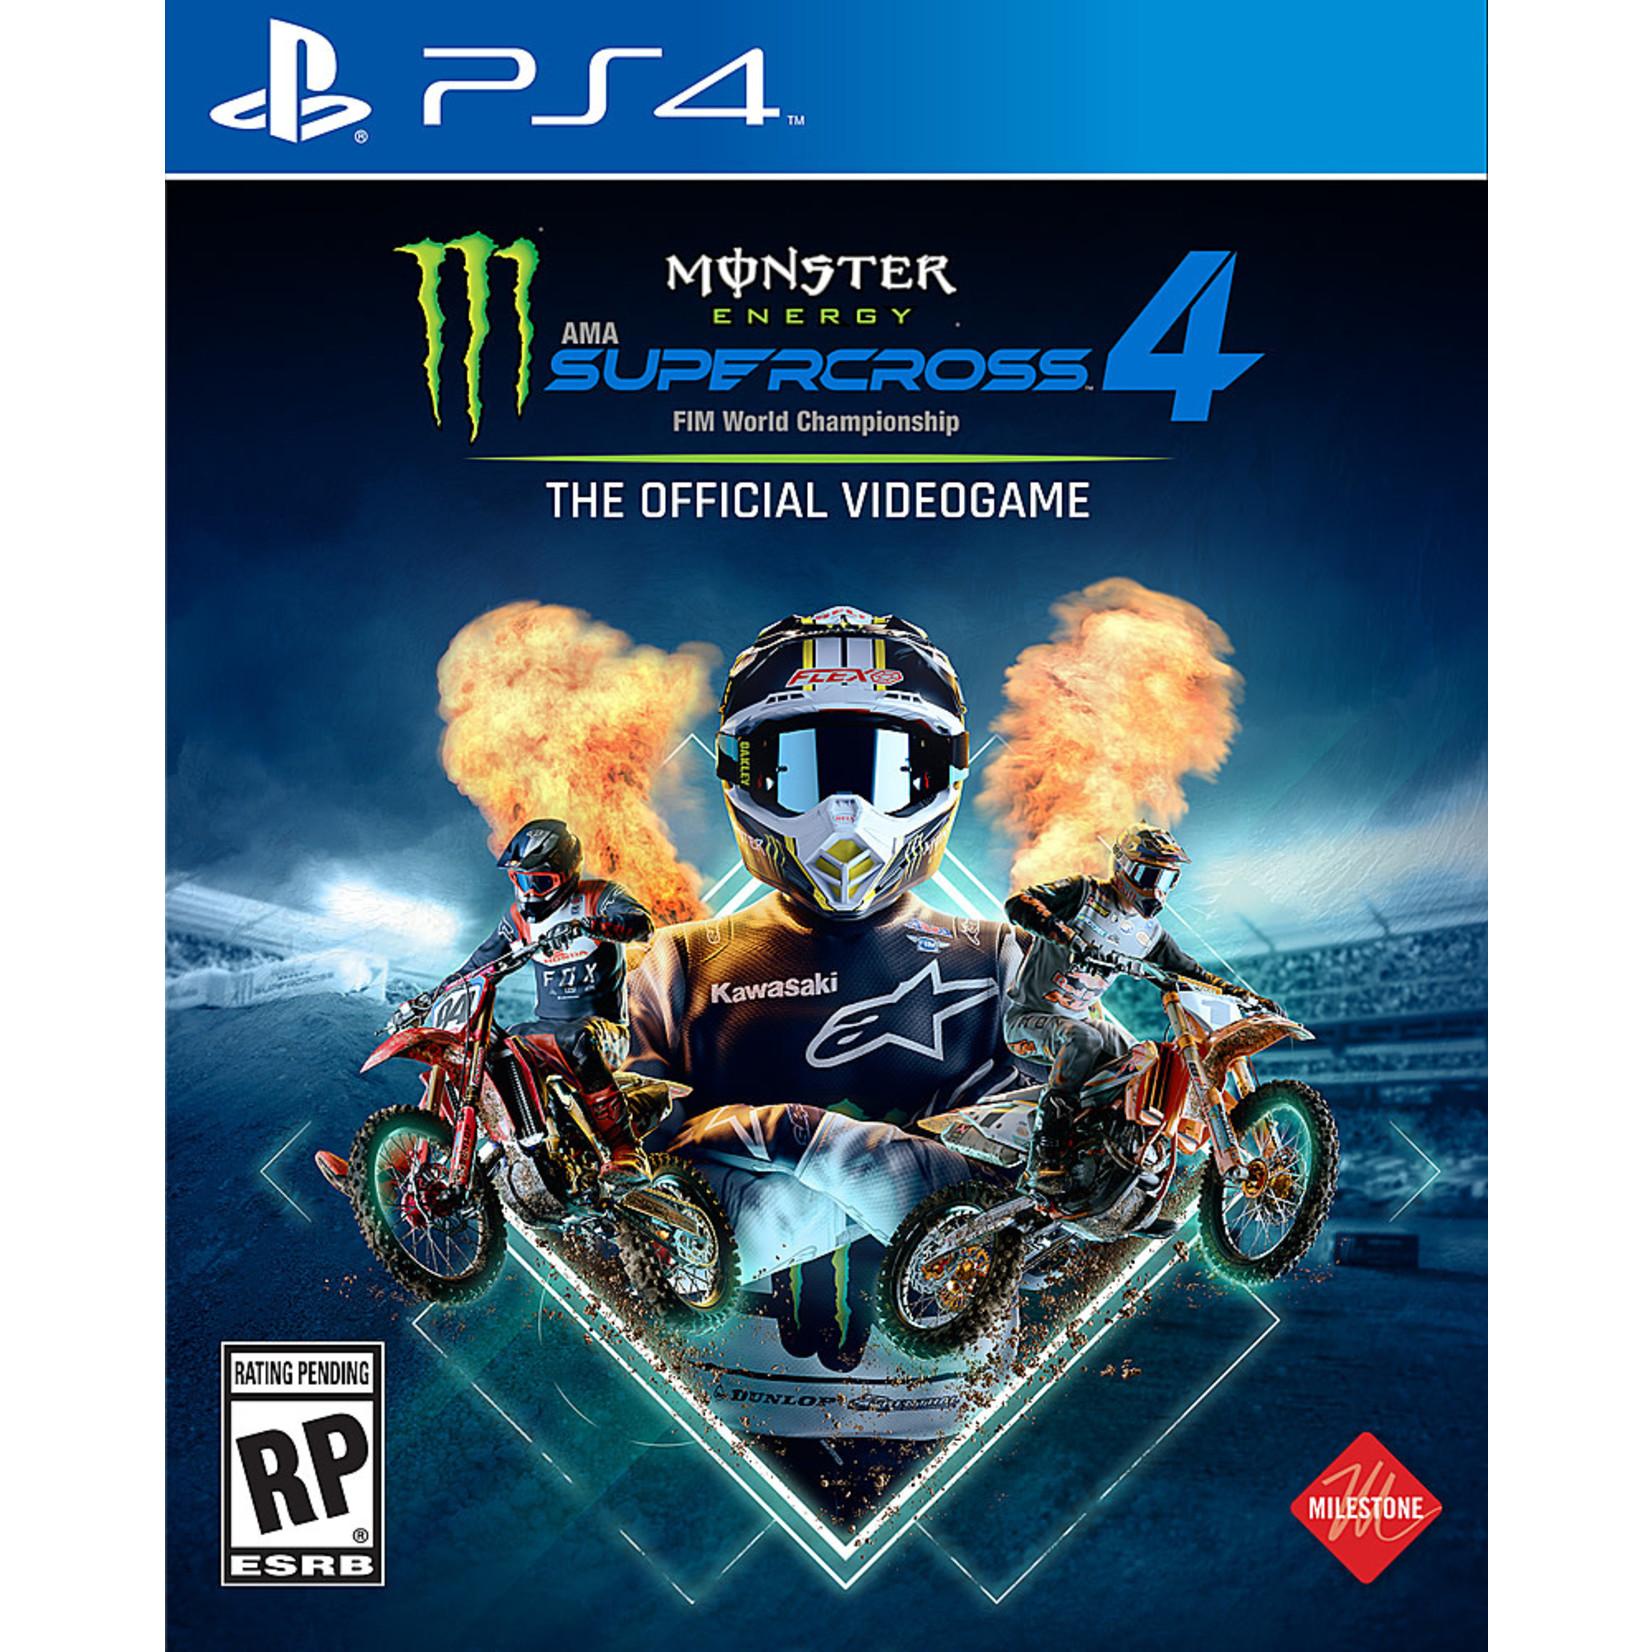 PS4-Monster Energy Supercross 4